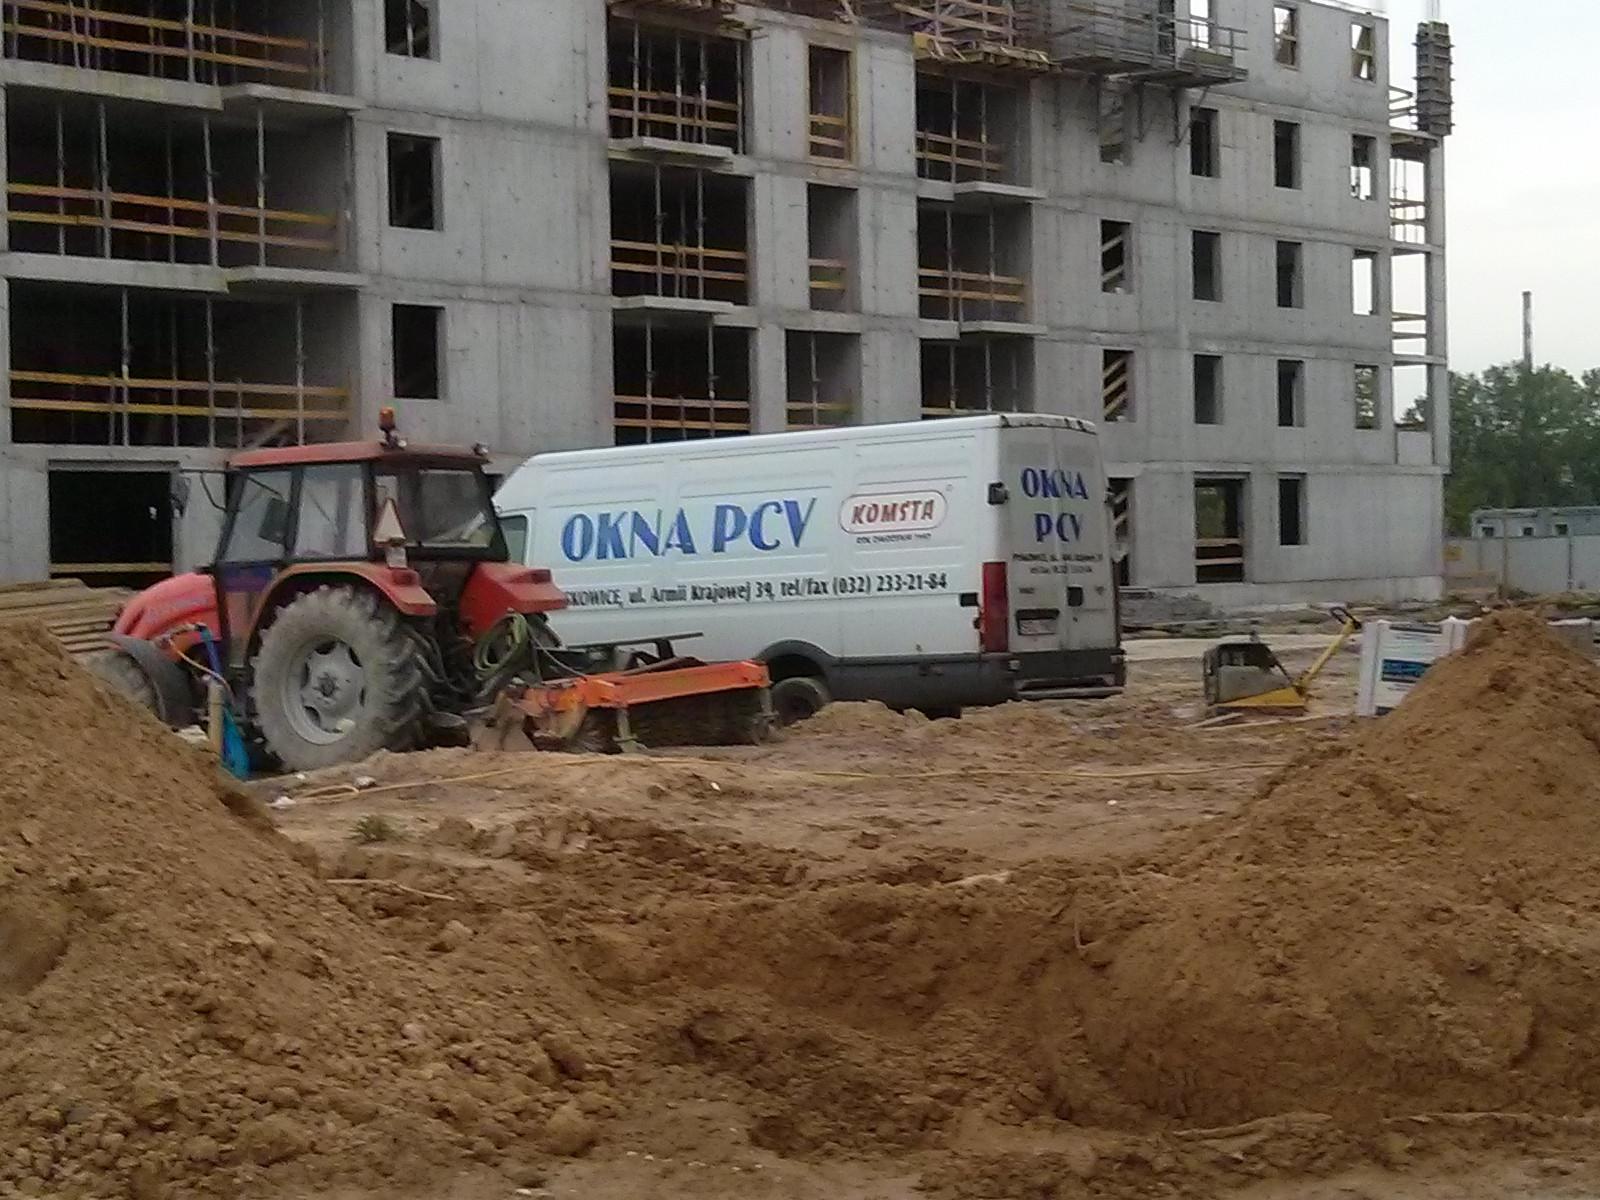 Samochód firmy produkującej okna dla inwestycji Orlińskiego 4